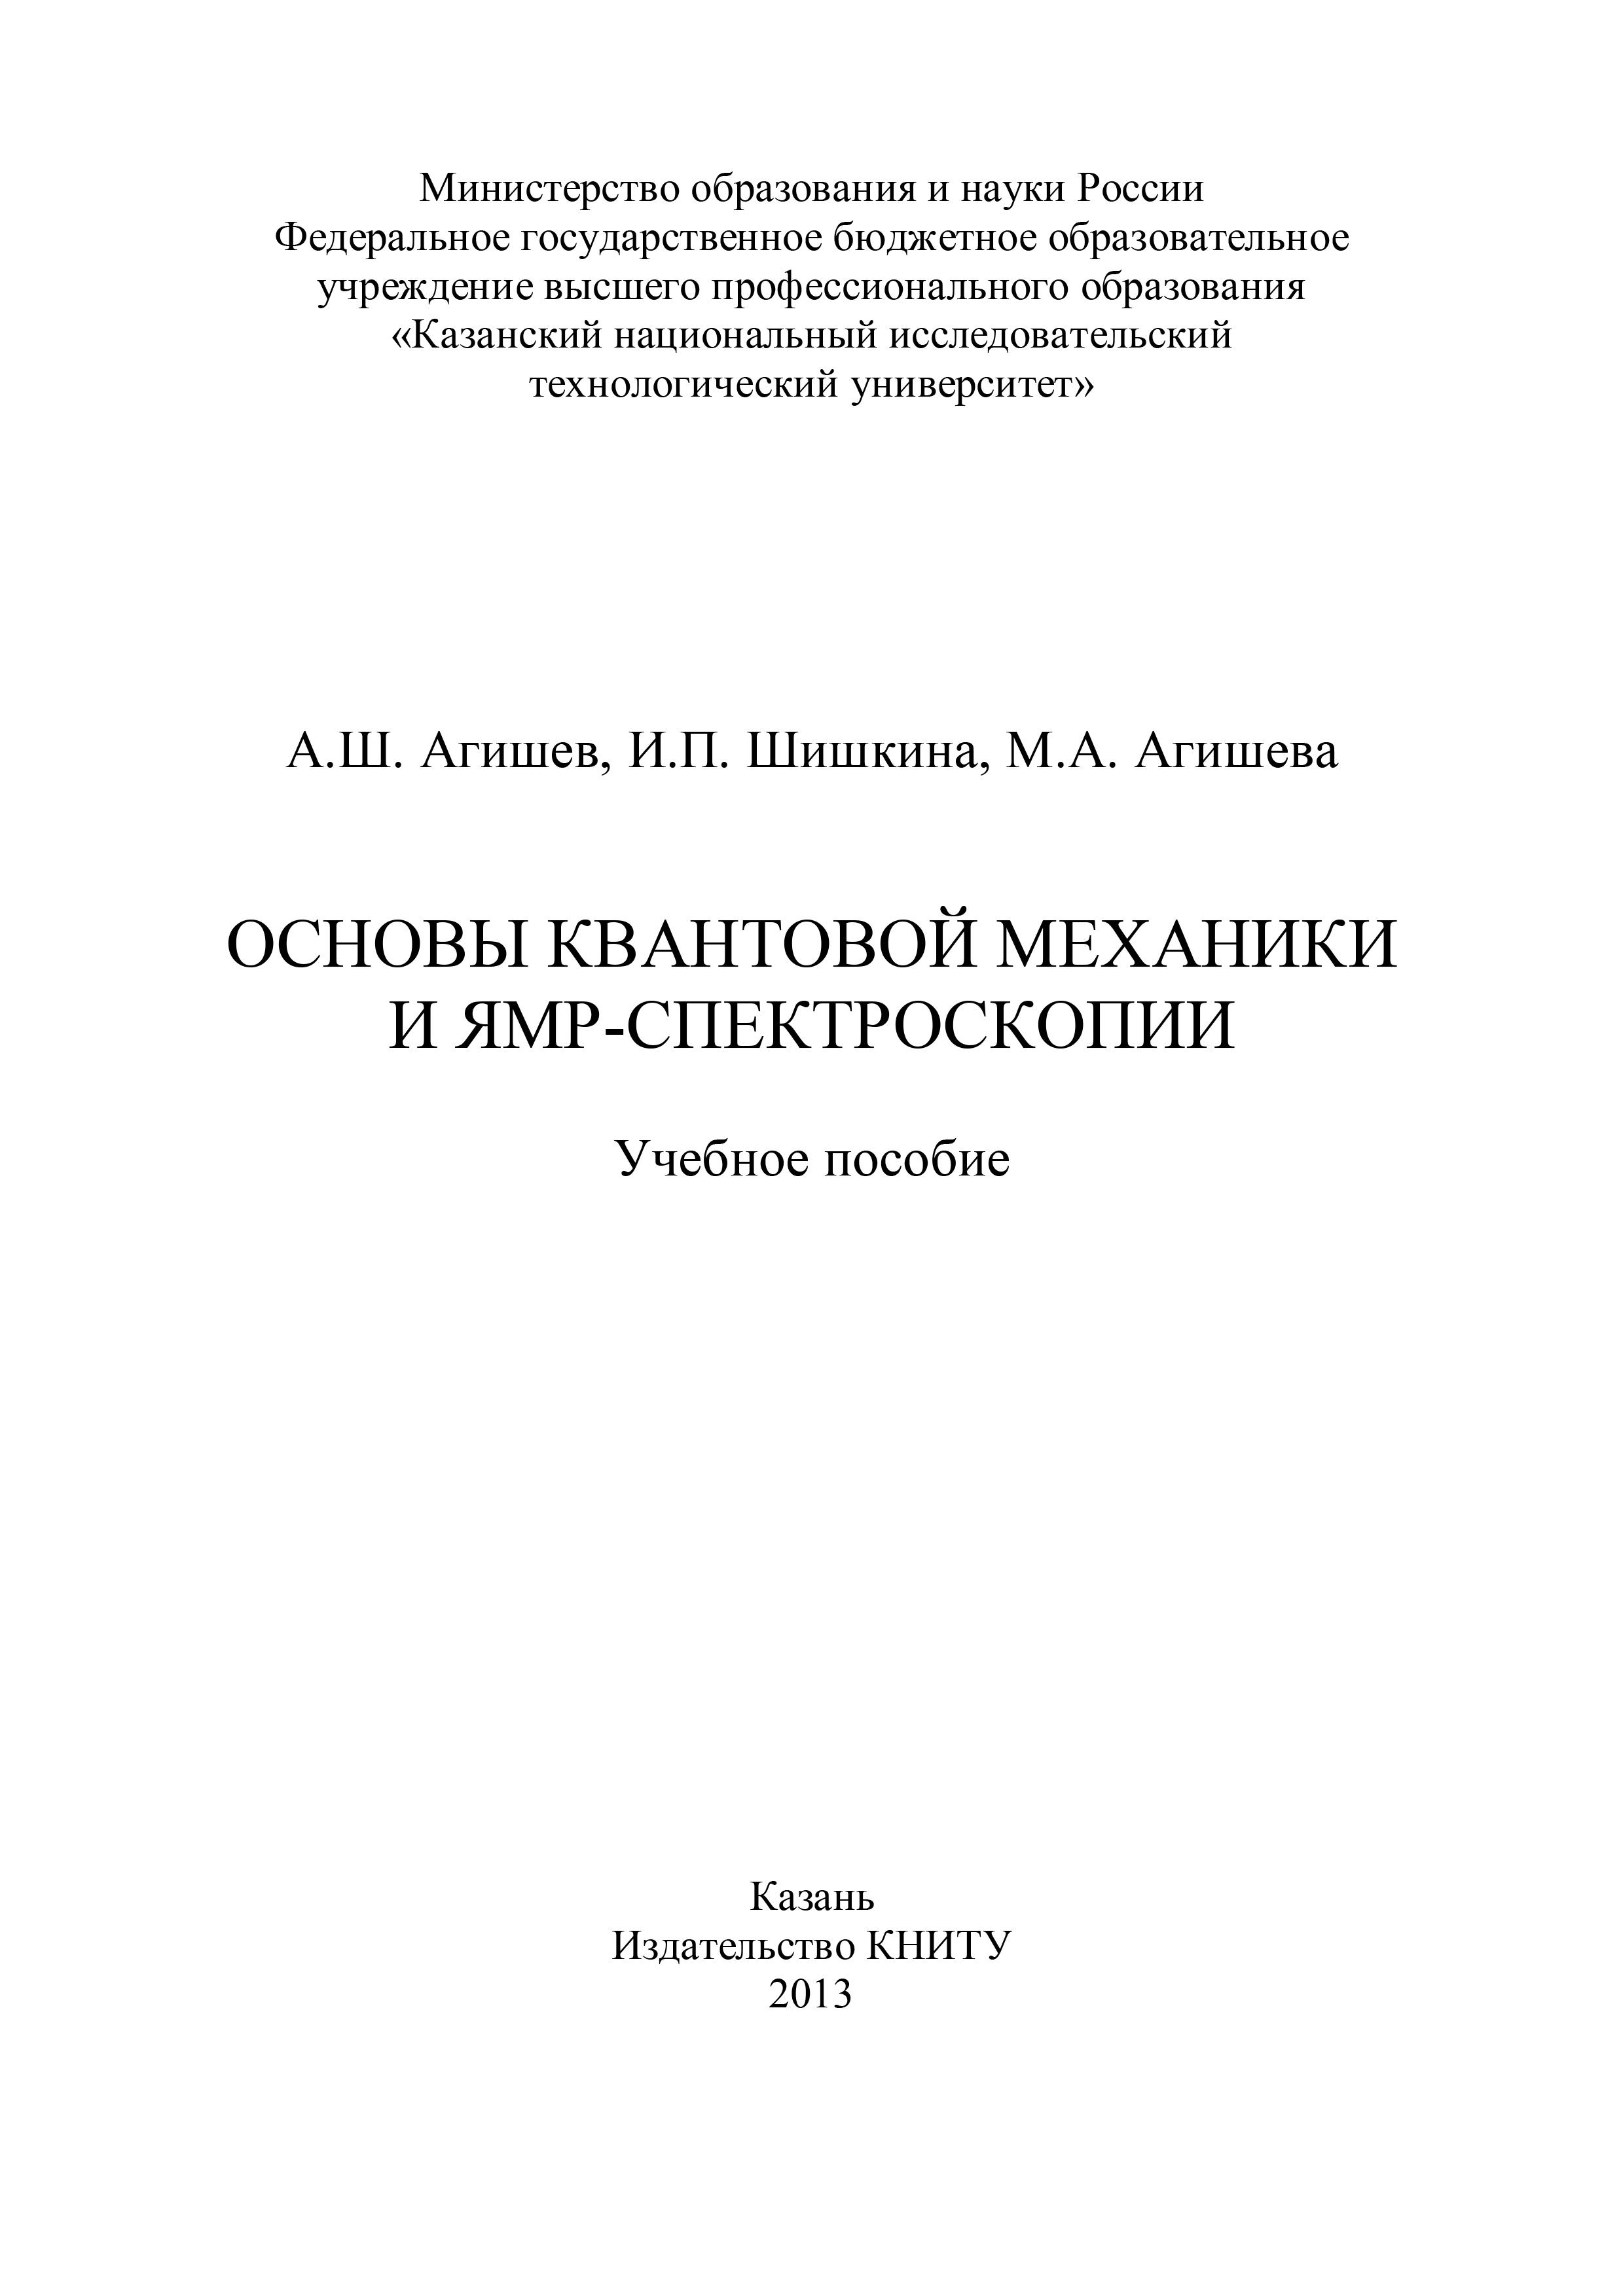 И. П. Шишкина Основы квантовой механики и ЯМР-спектроскопии цена